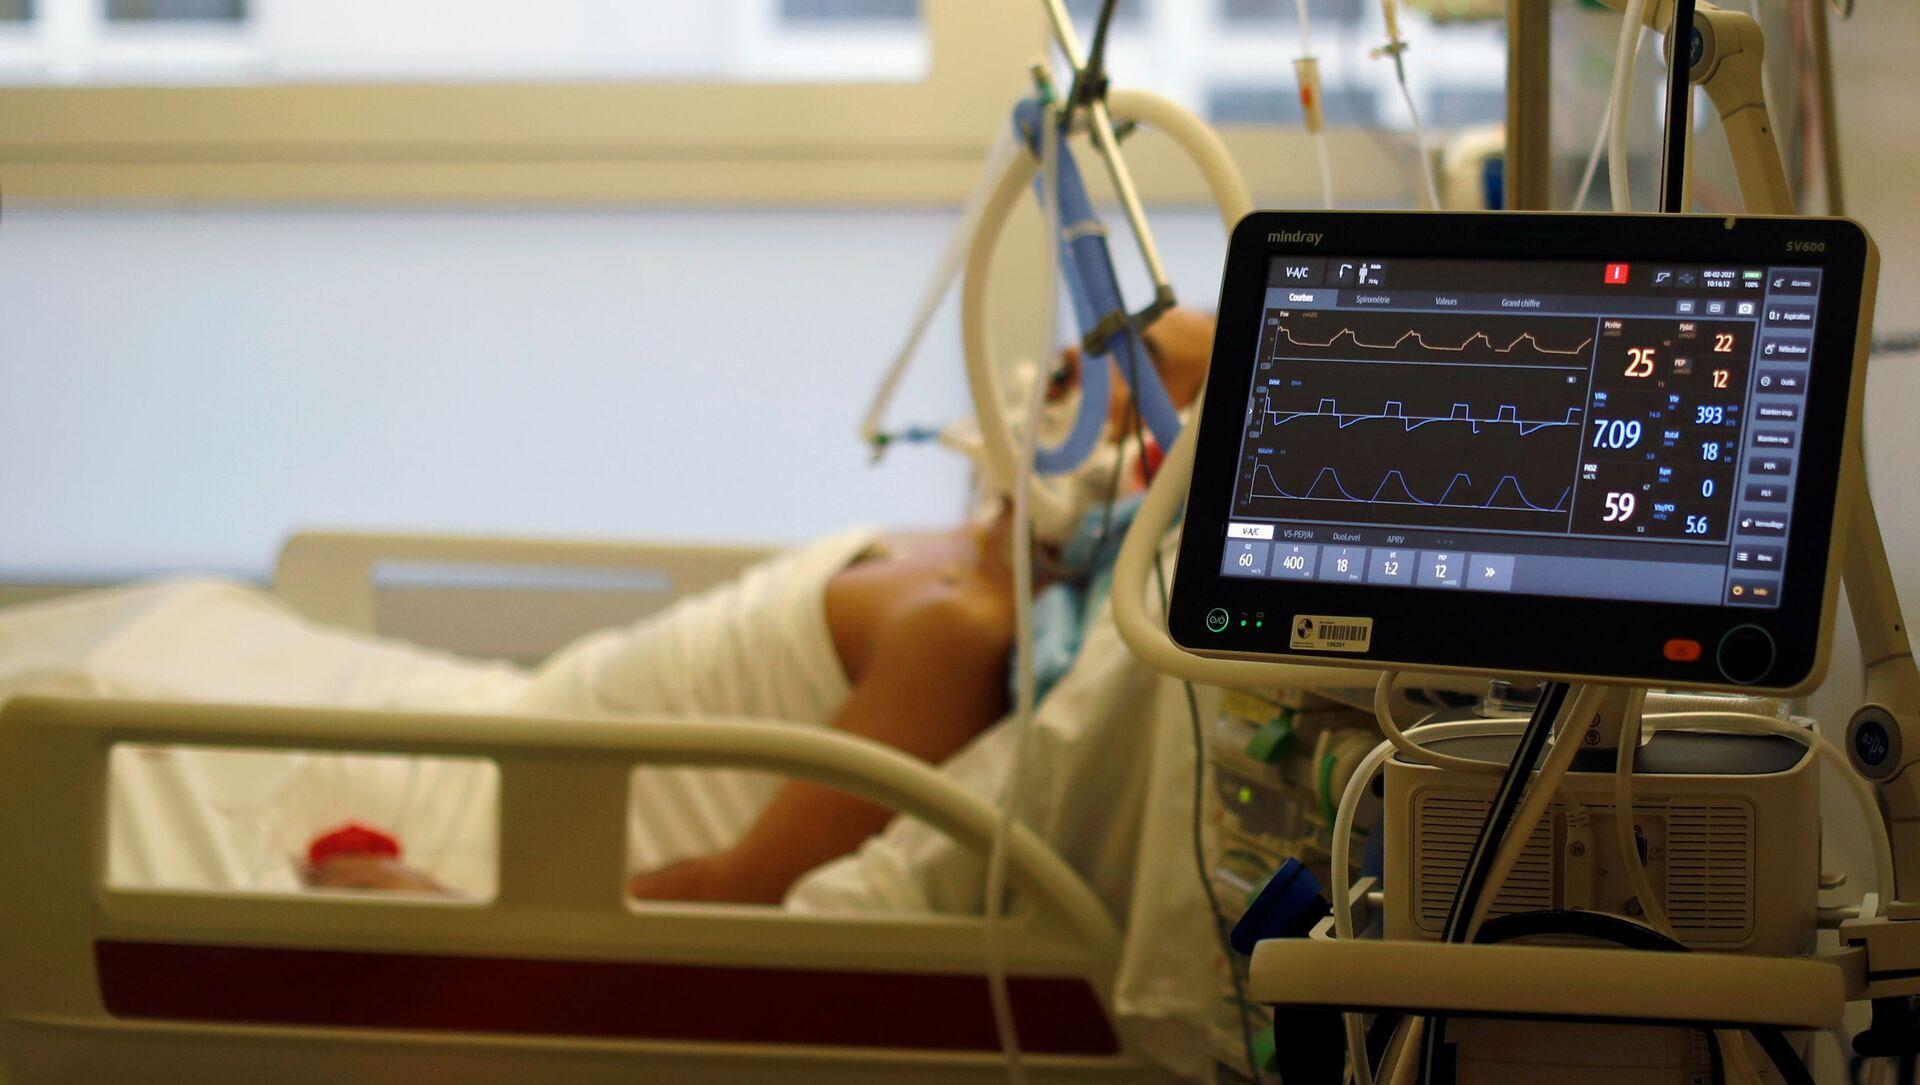 Пациент с коронавирусом в больничной палате - Sputnik Южная Осетия, 1920, 09.02.2021